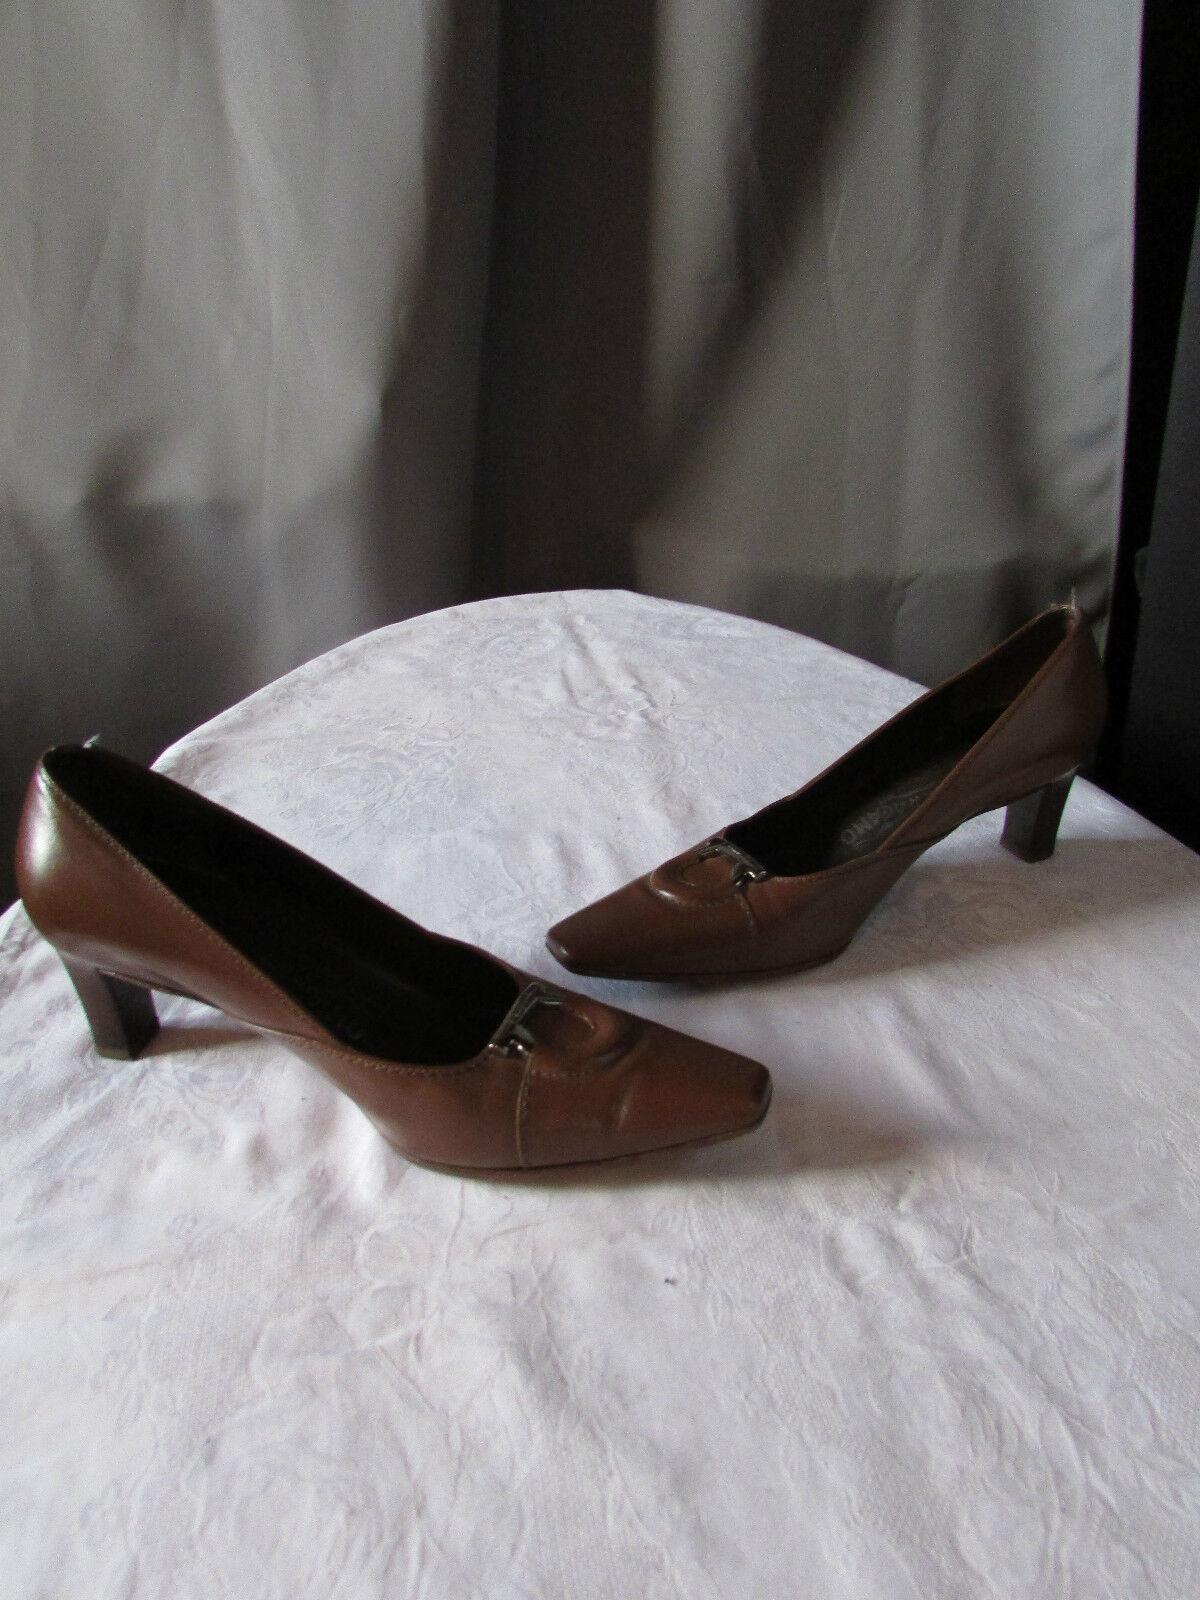 Escarpins salvatore ferragamo cuir marron pointure 6,5